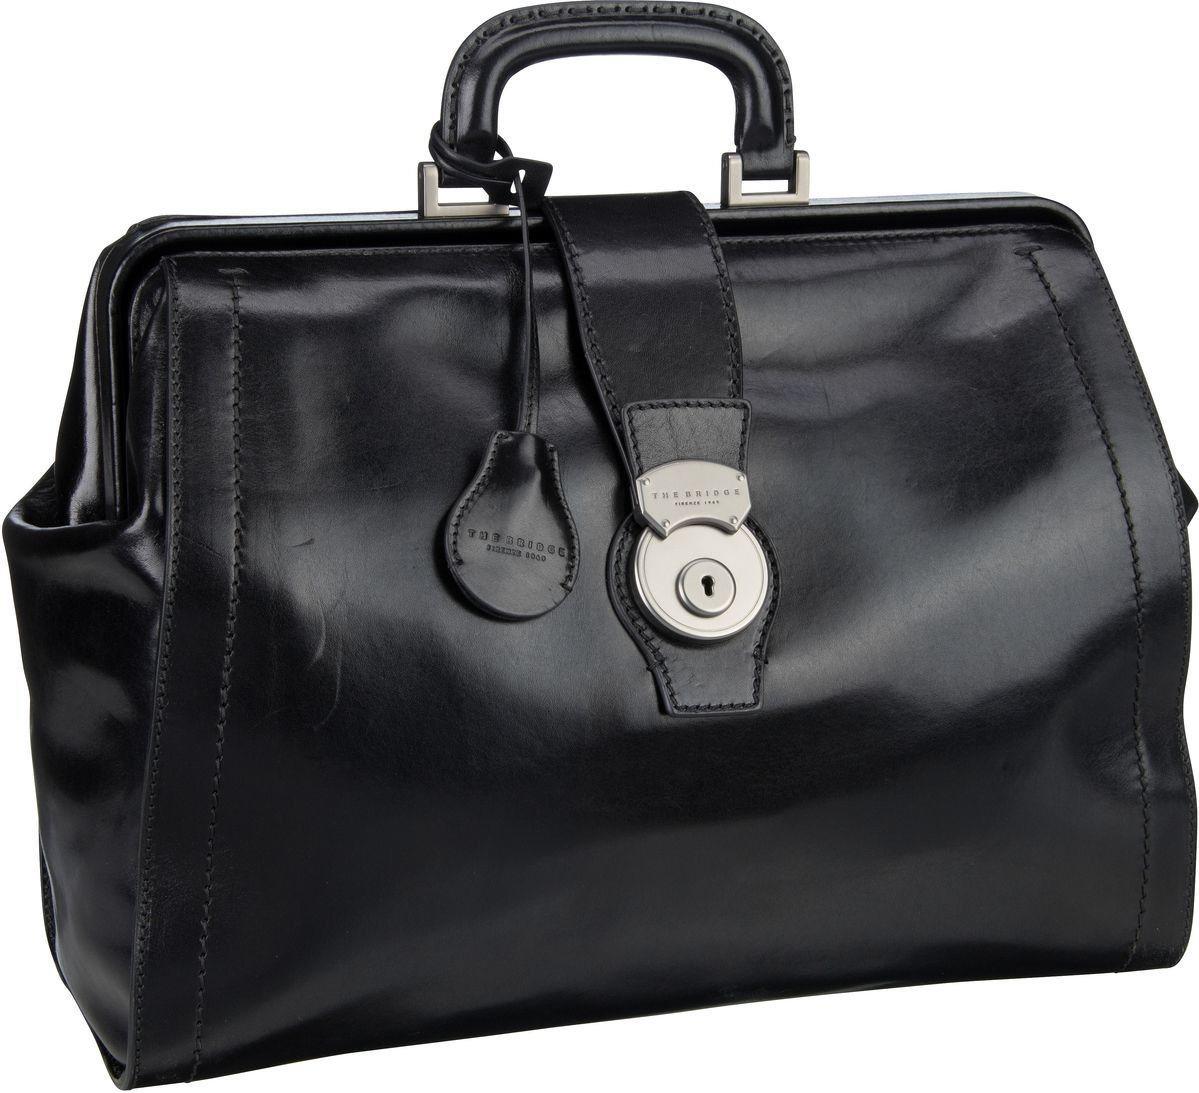 THE BRIDGE Handtasche »Capalbio Arzttasche 2058« | Taschen > Business Taschen > Arzttaschen | Schwarz | Metall | THE BRIDGE